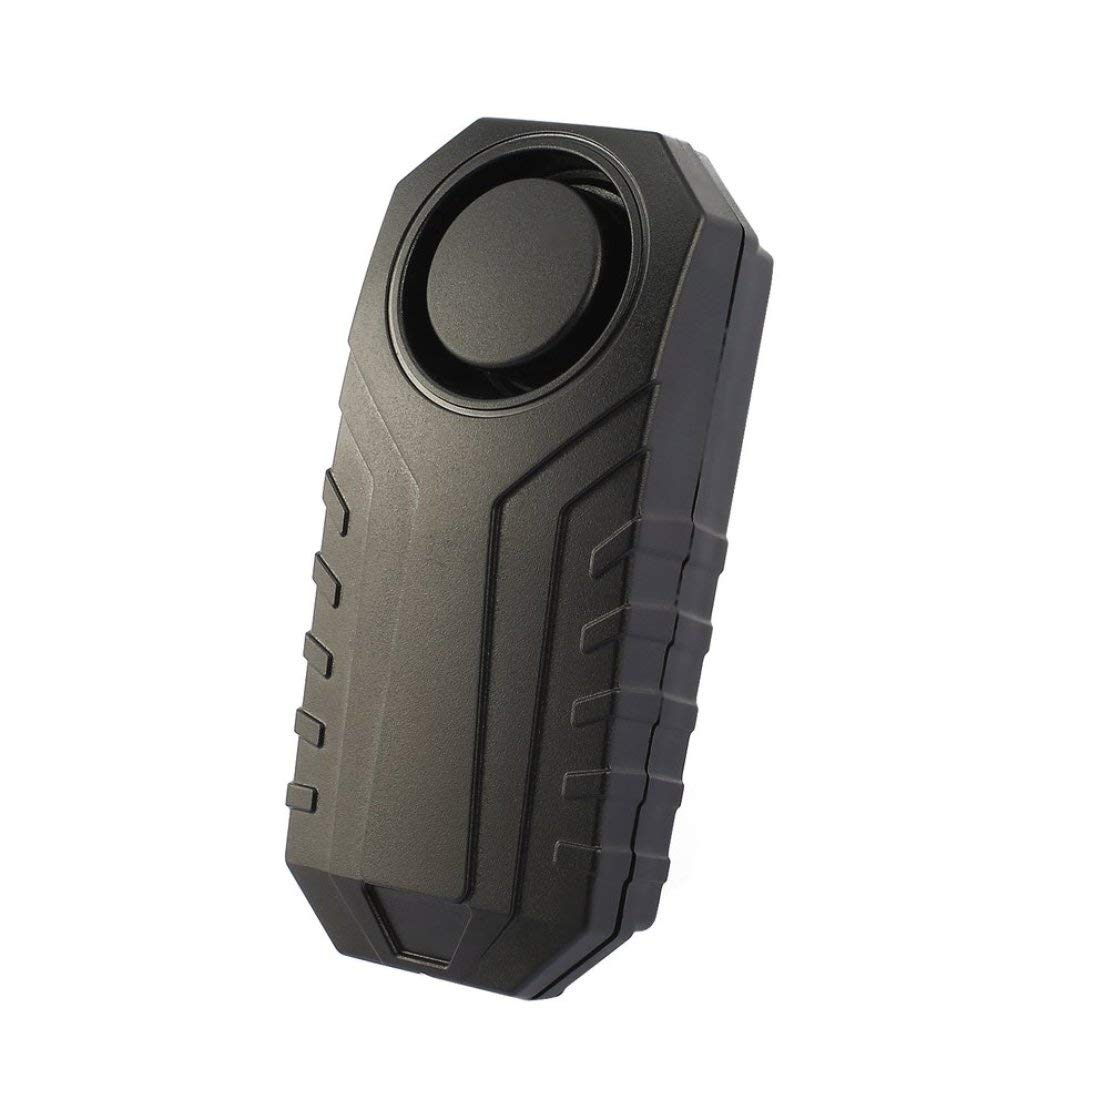 Bicicleta de Alarma de Control Remoto inal/ámbrico//Triciclo el/éctrico//Vibraci/ón de autom/óvil de Nueva energ/ía y Bloqueo de Seguridad de Alarma de Desplazamiento Vida Solitaria